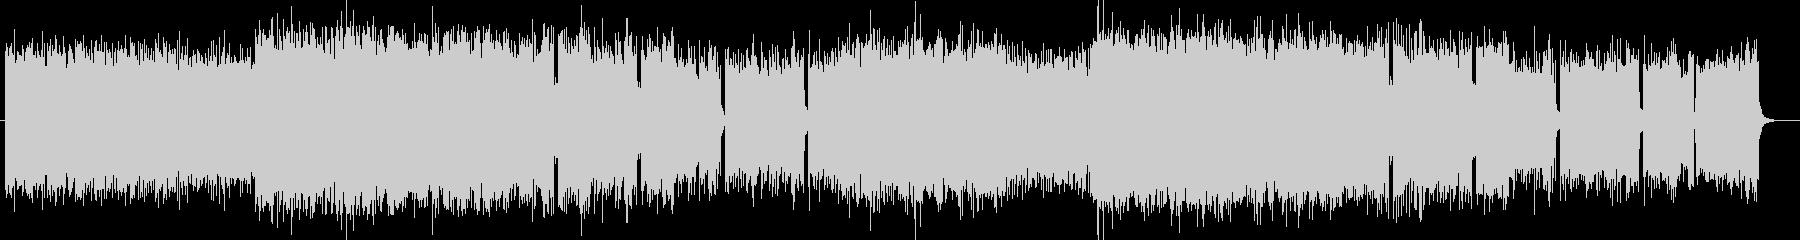 重低音ぎみのHEAVYROCK系の作曲の未再生の波形